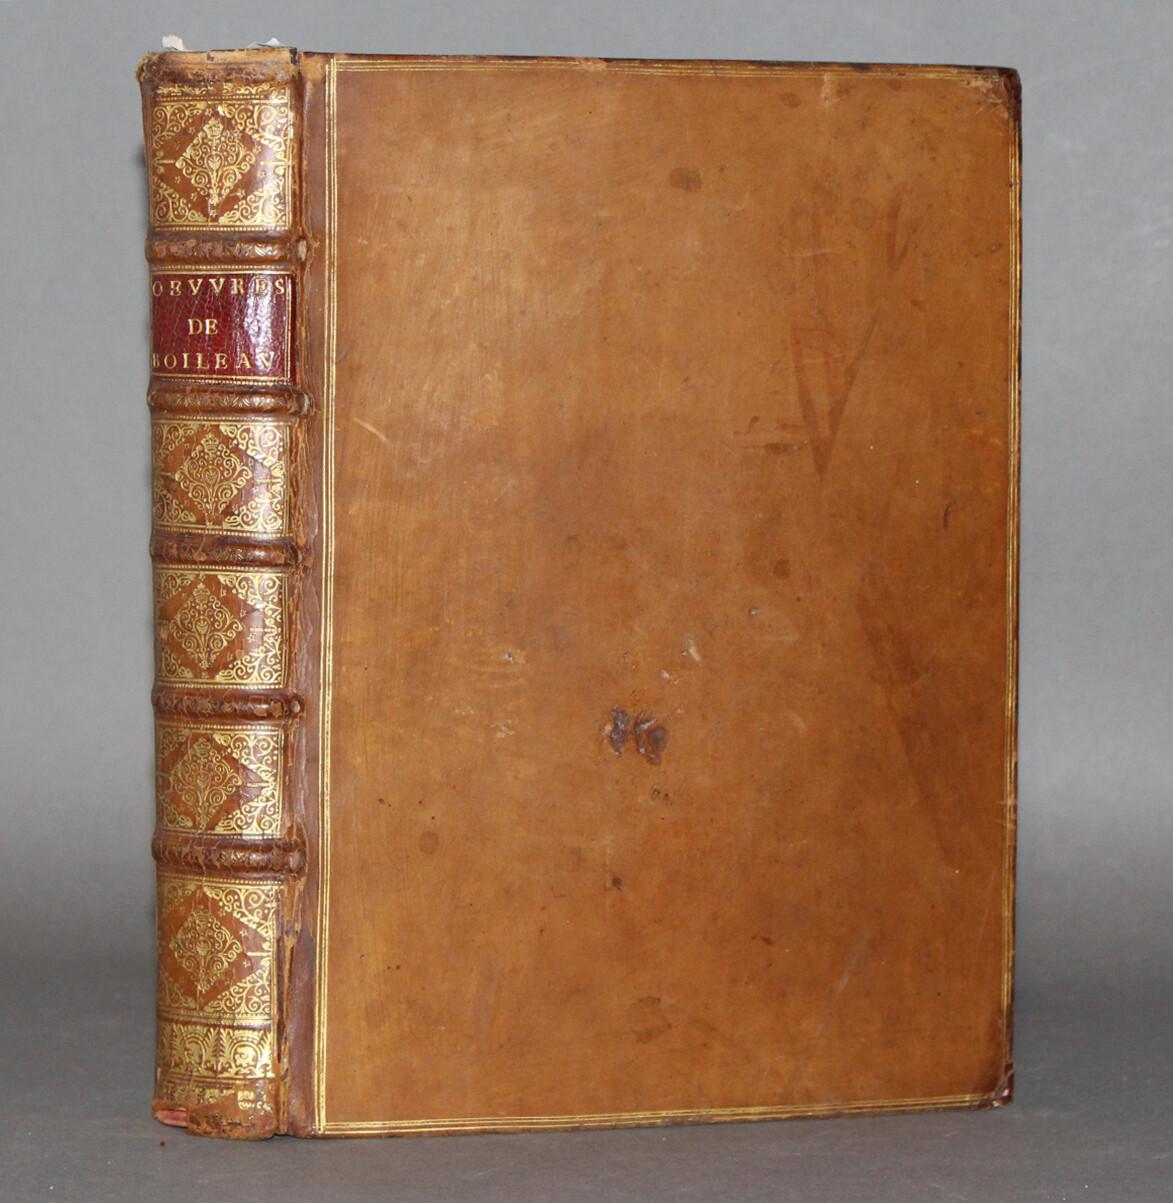 BOILEAU-DESPREAUX.- Oeuvres diverses..., 1701. Exemplaire au format in-quarto.